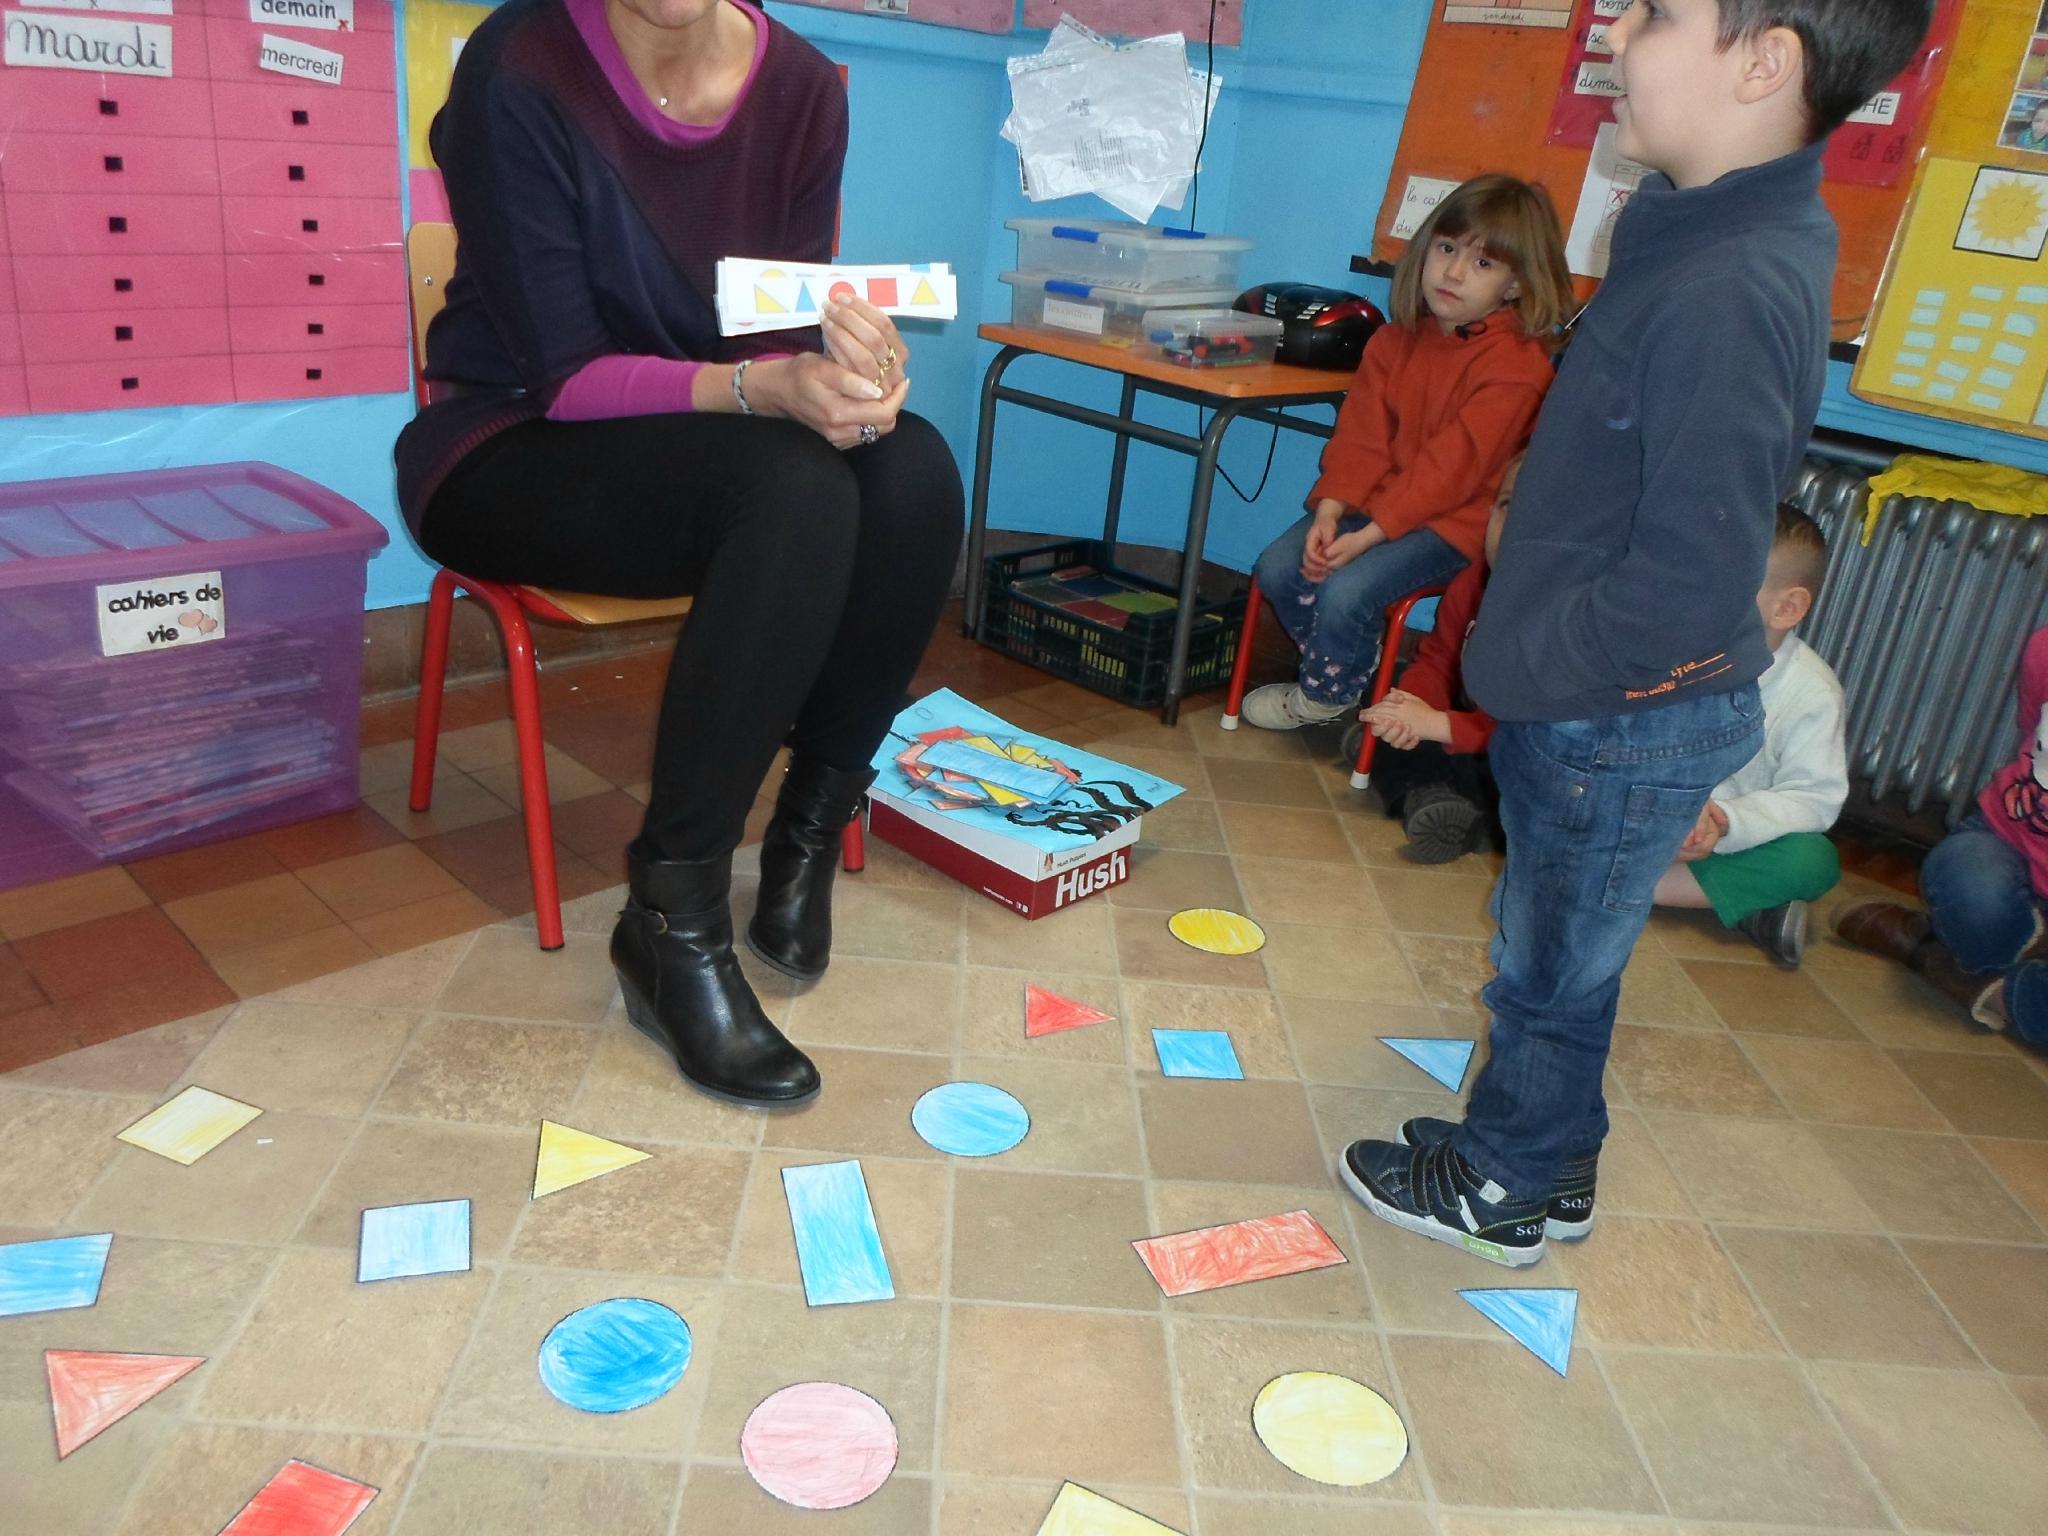 Jeu Avec Formes Géométriques. - Blog De Madame Margareth dedans Jeu De Forme Géométrique